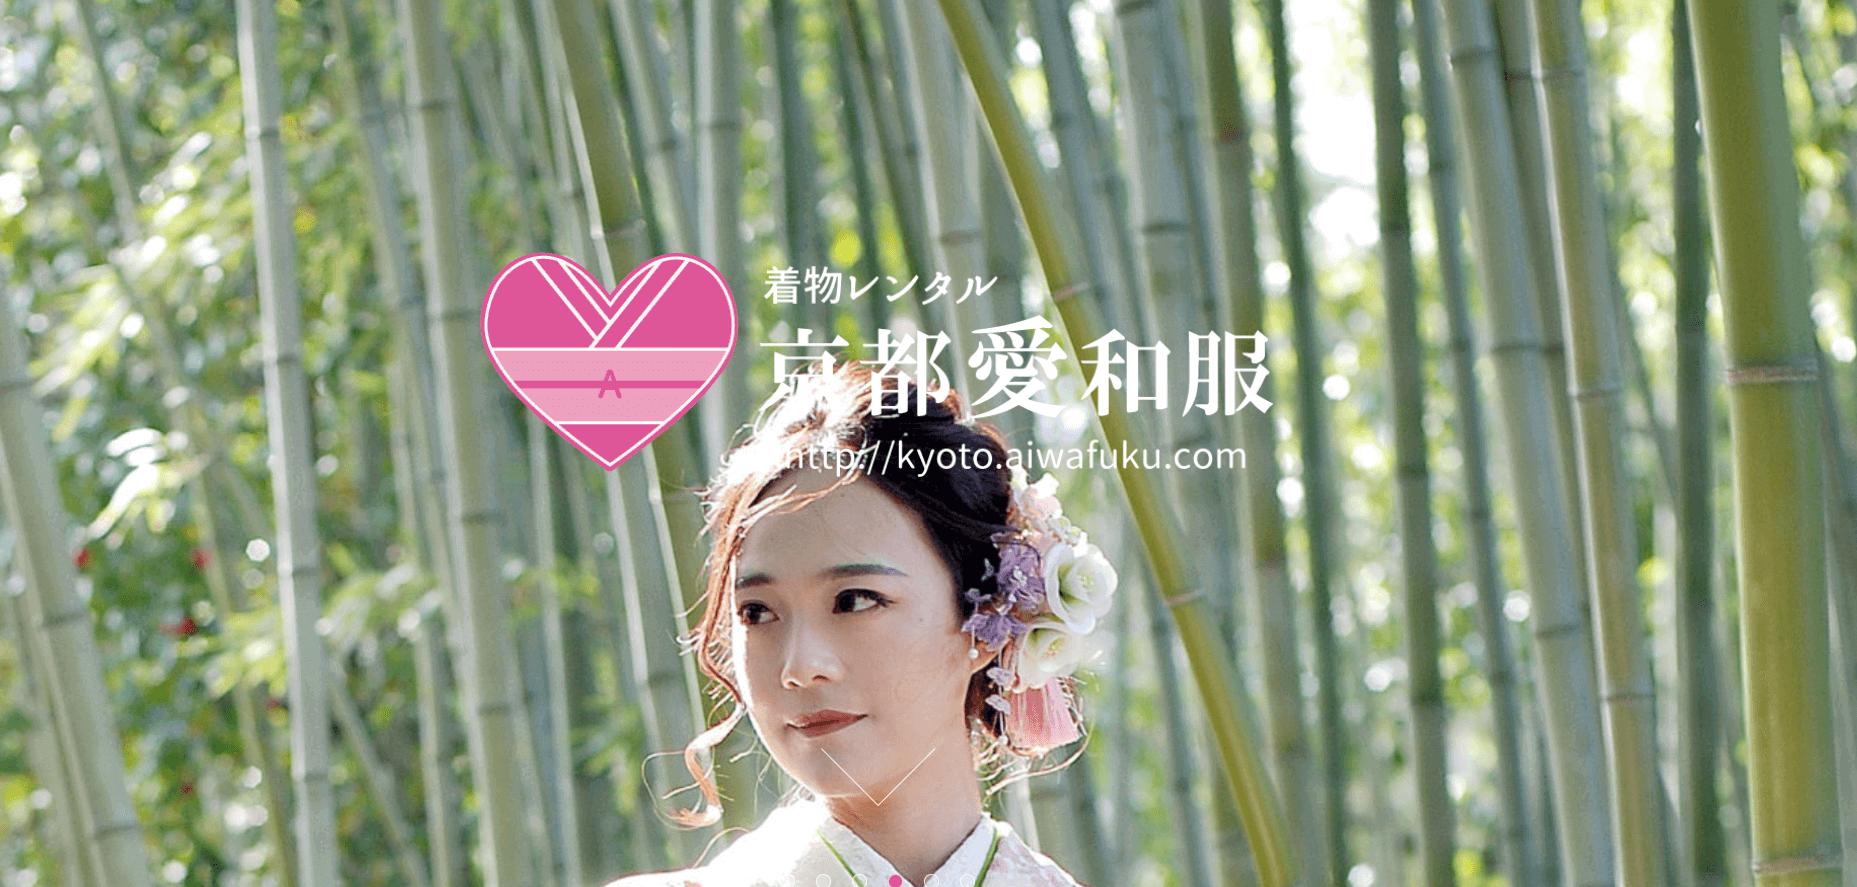 京都愛和服